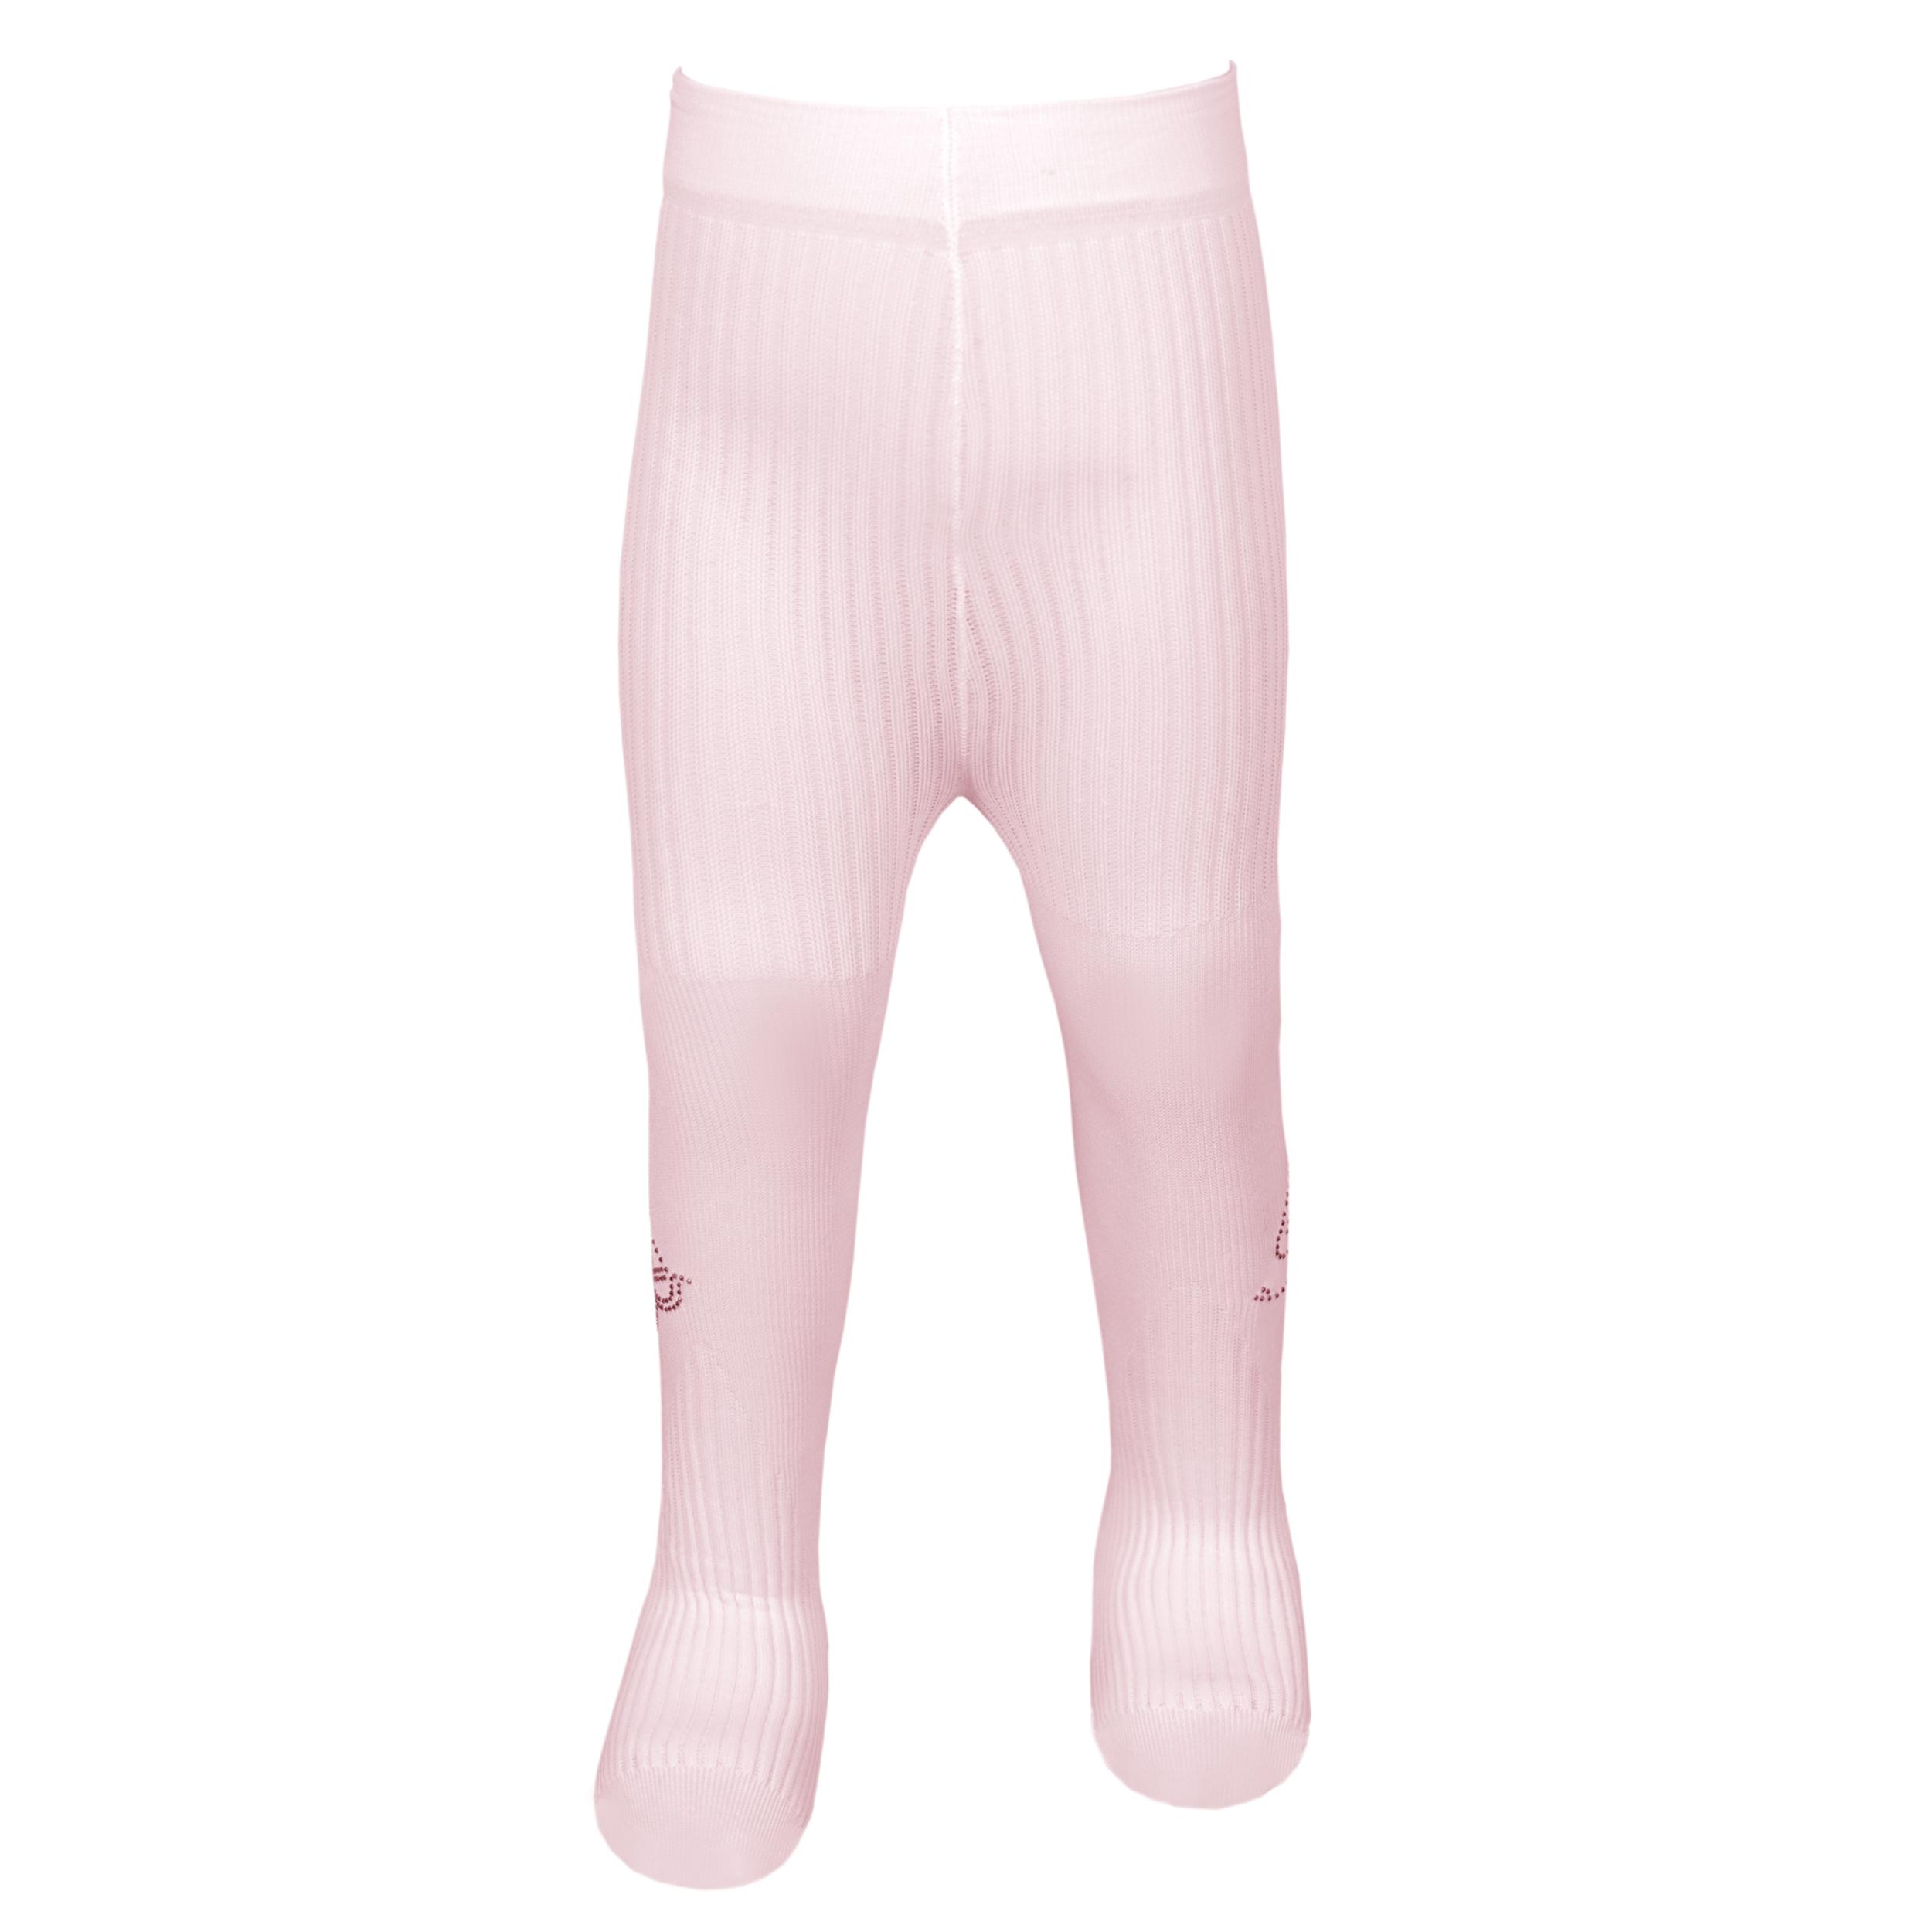 جوراب شلواری نوزادی دخترانه کد G52 رنگ صورتی